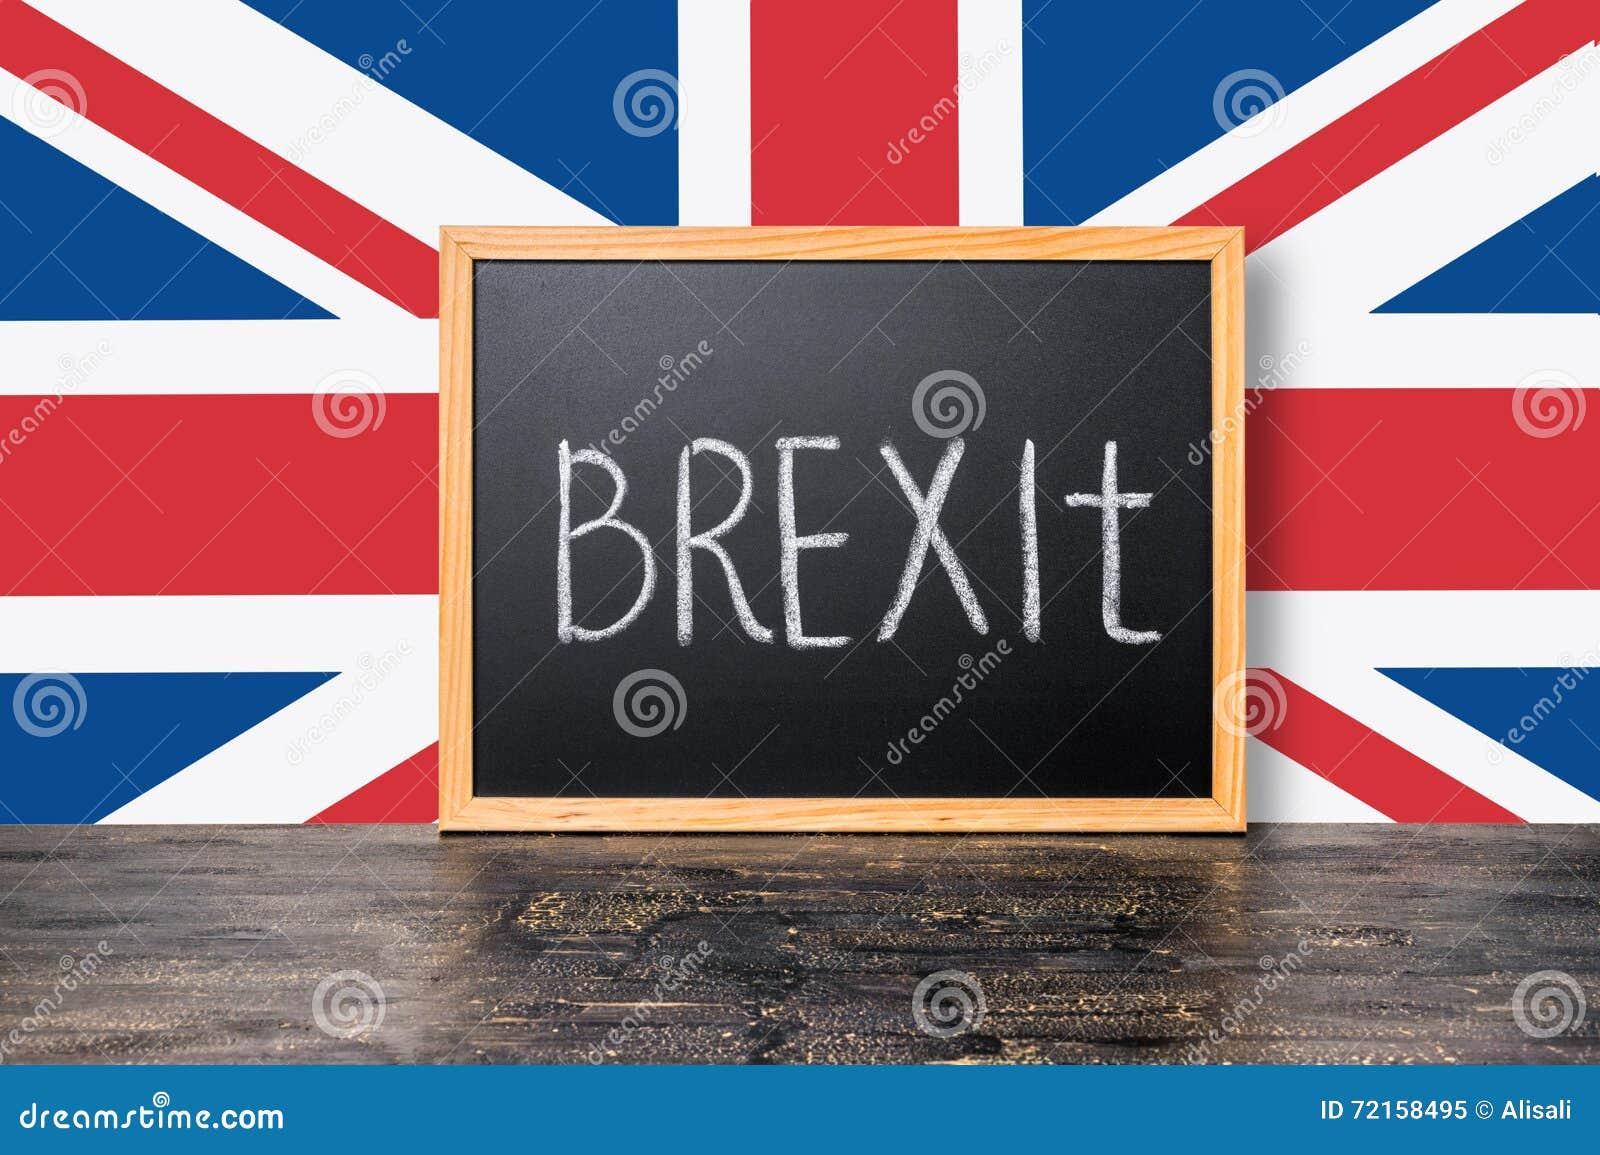 brexit - photo #42